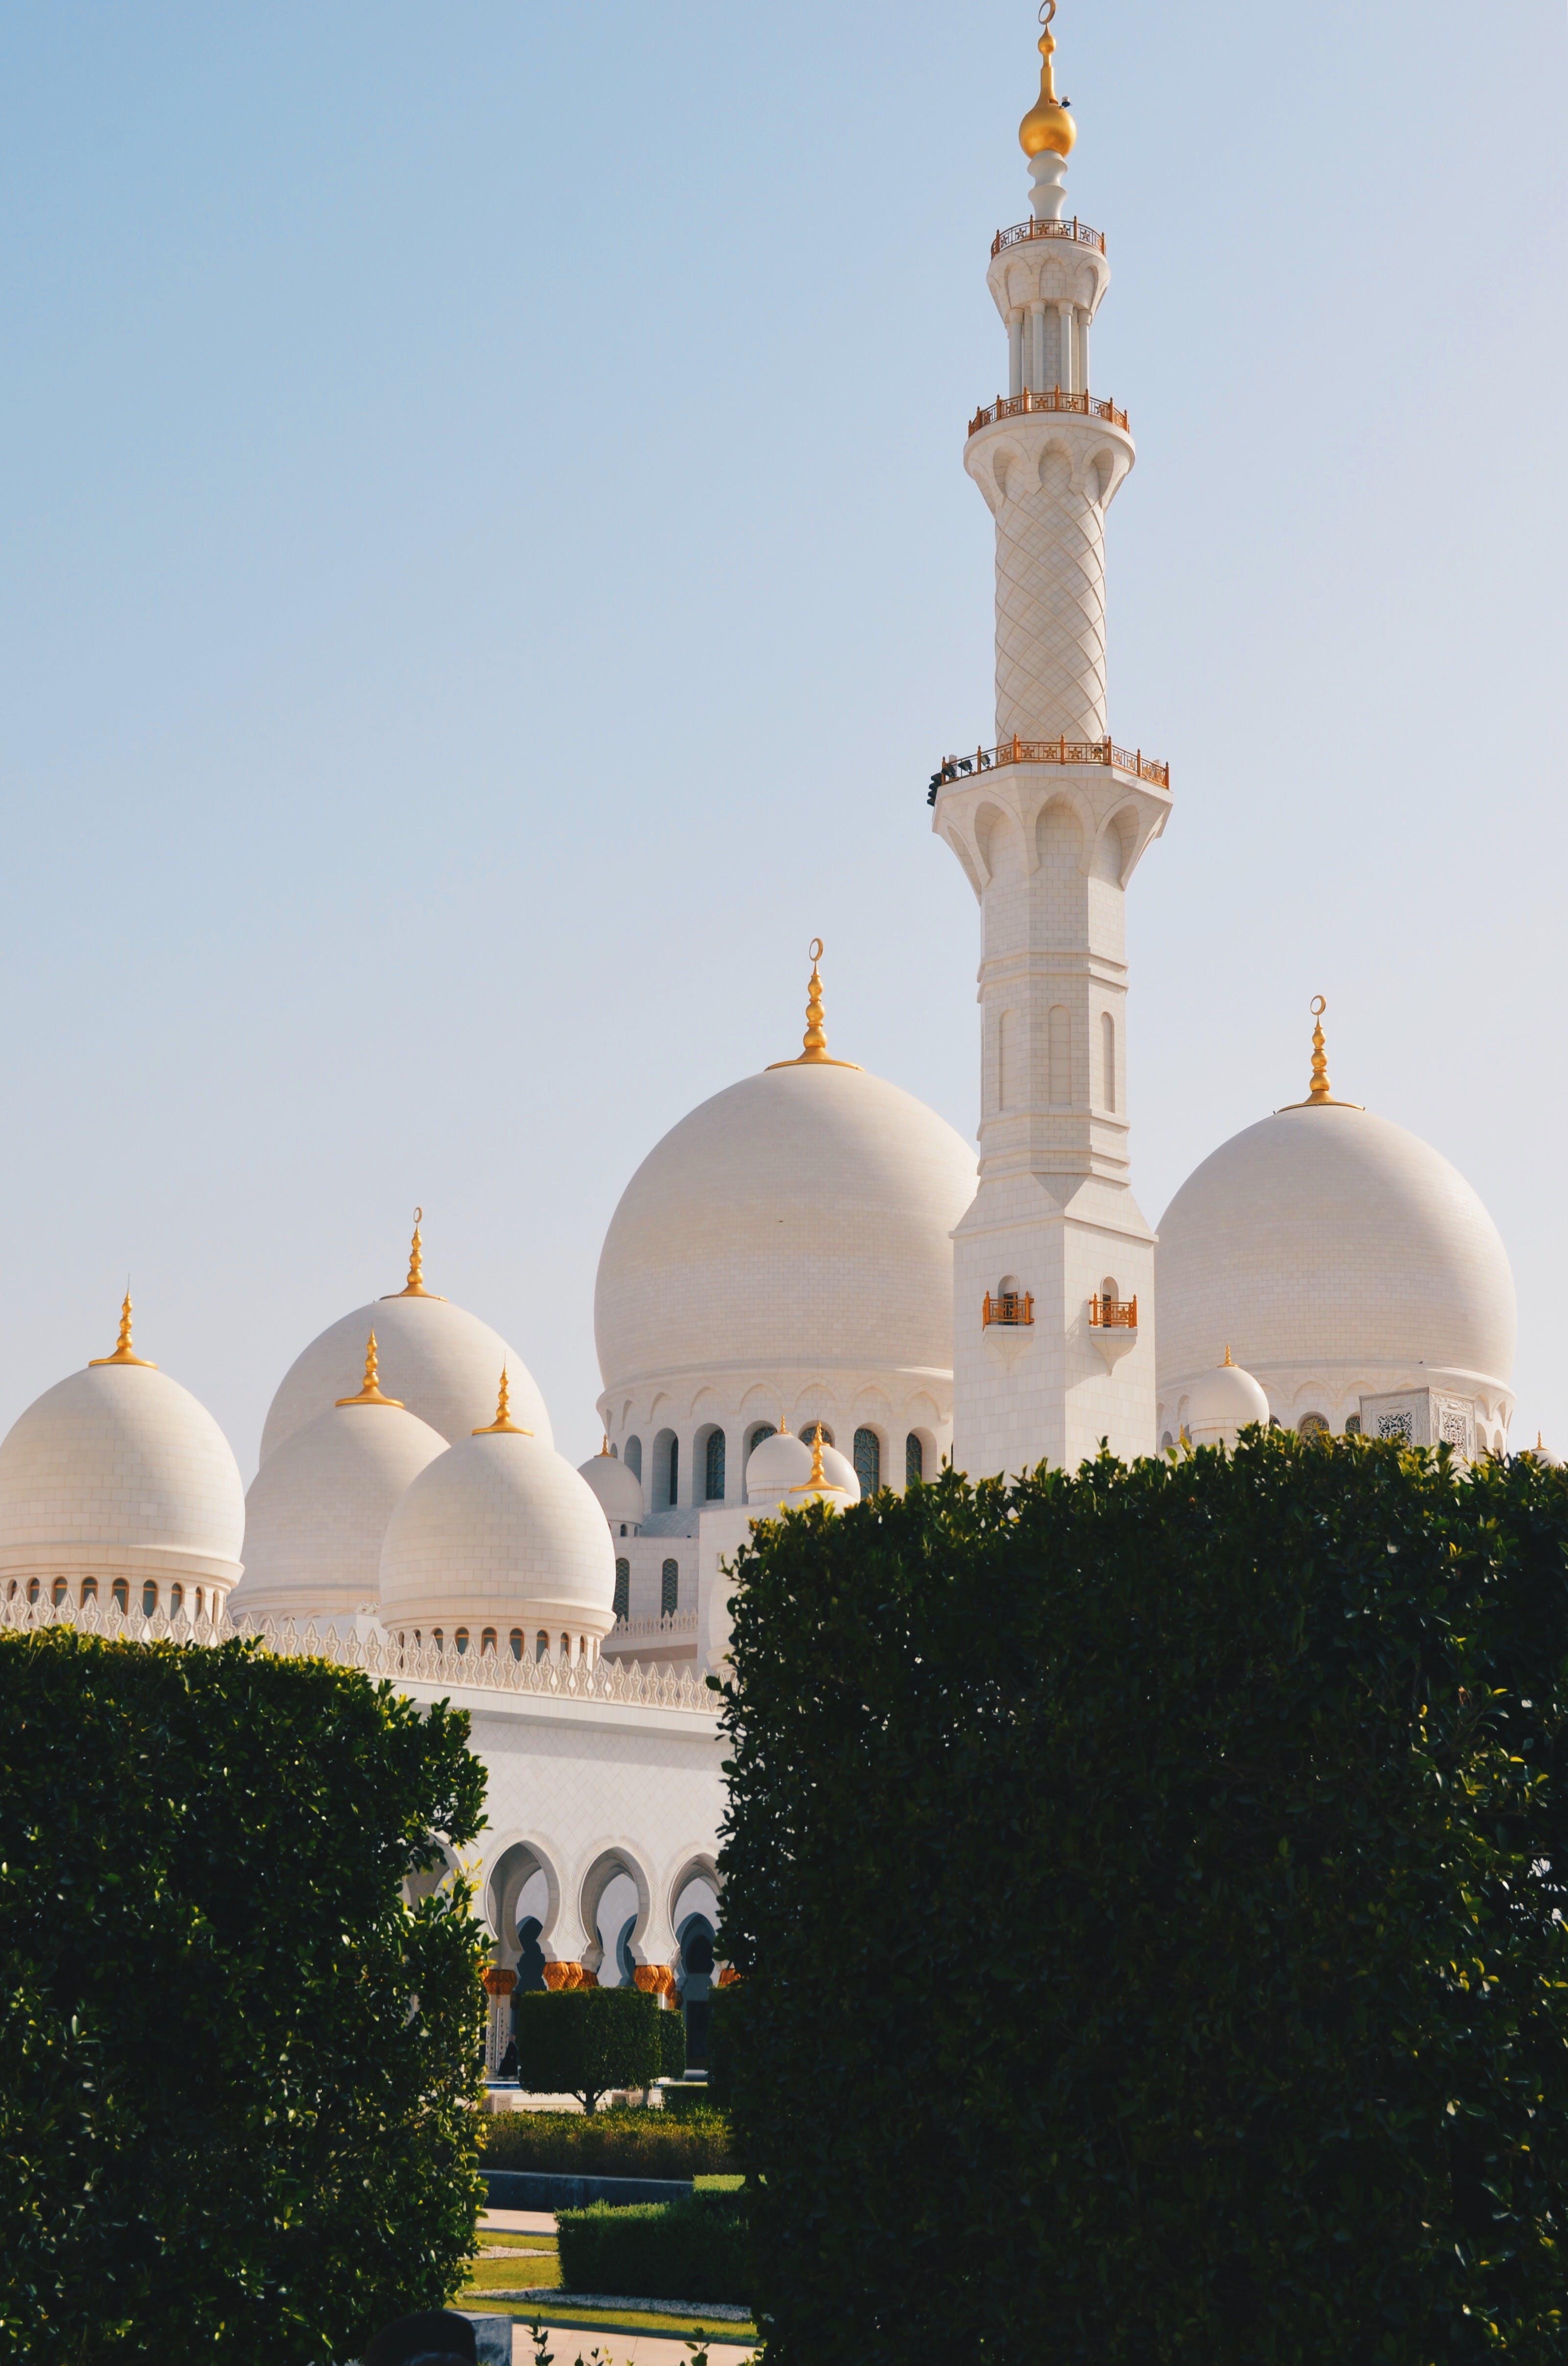 거룩한, 건물, 건축, 기도의 무료 스톡 사진